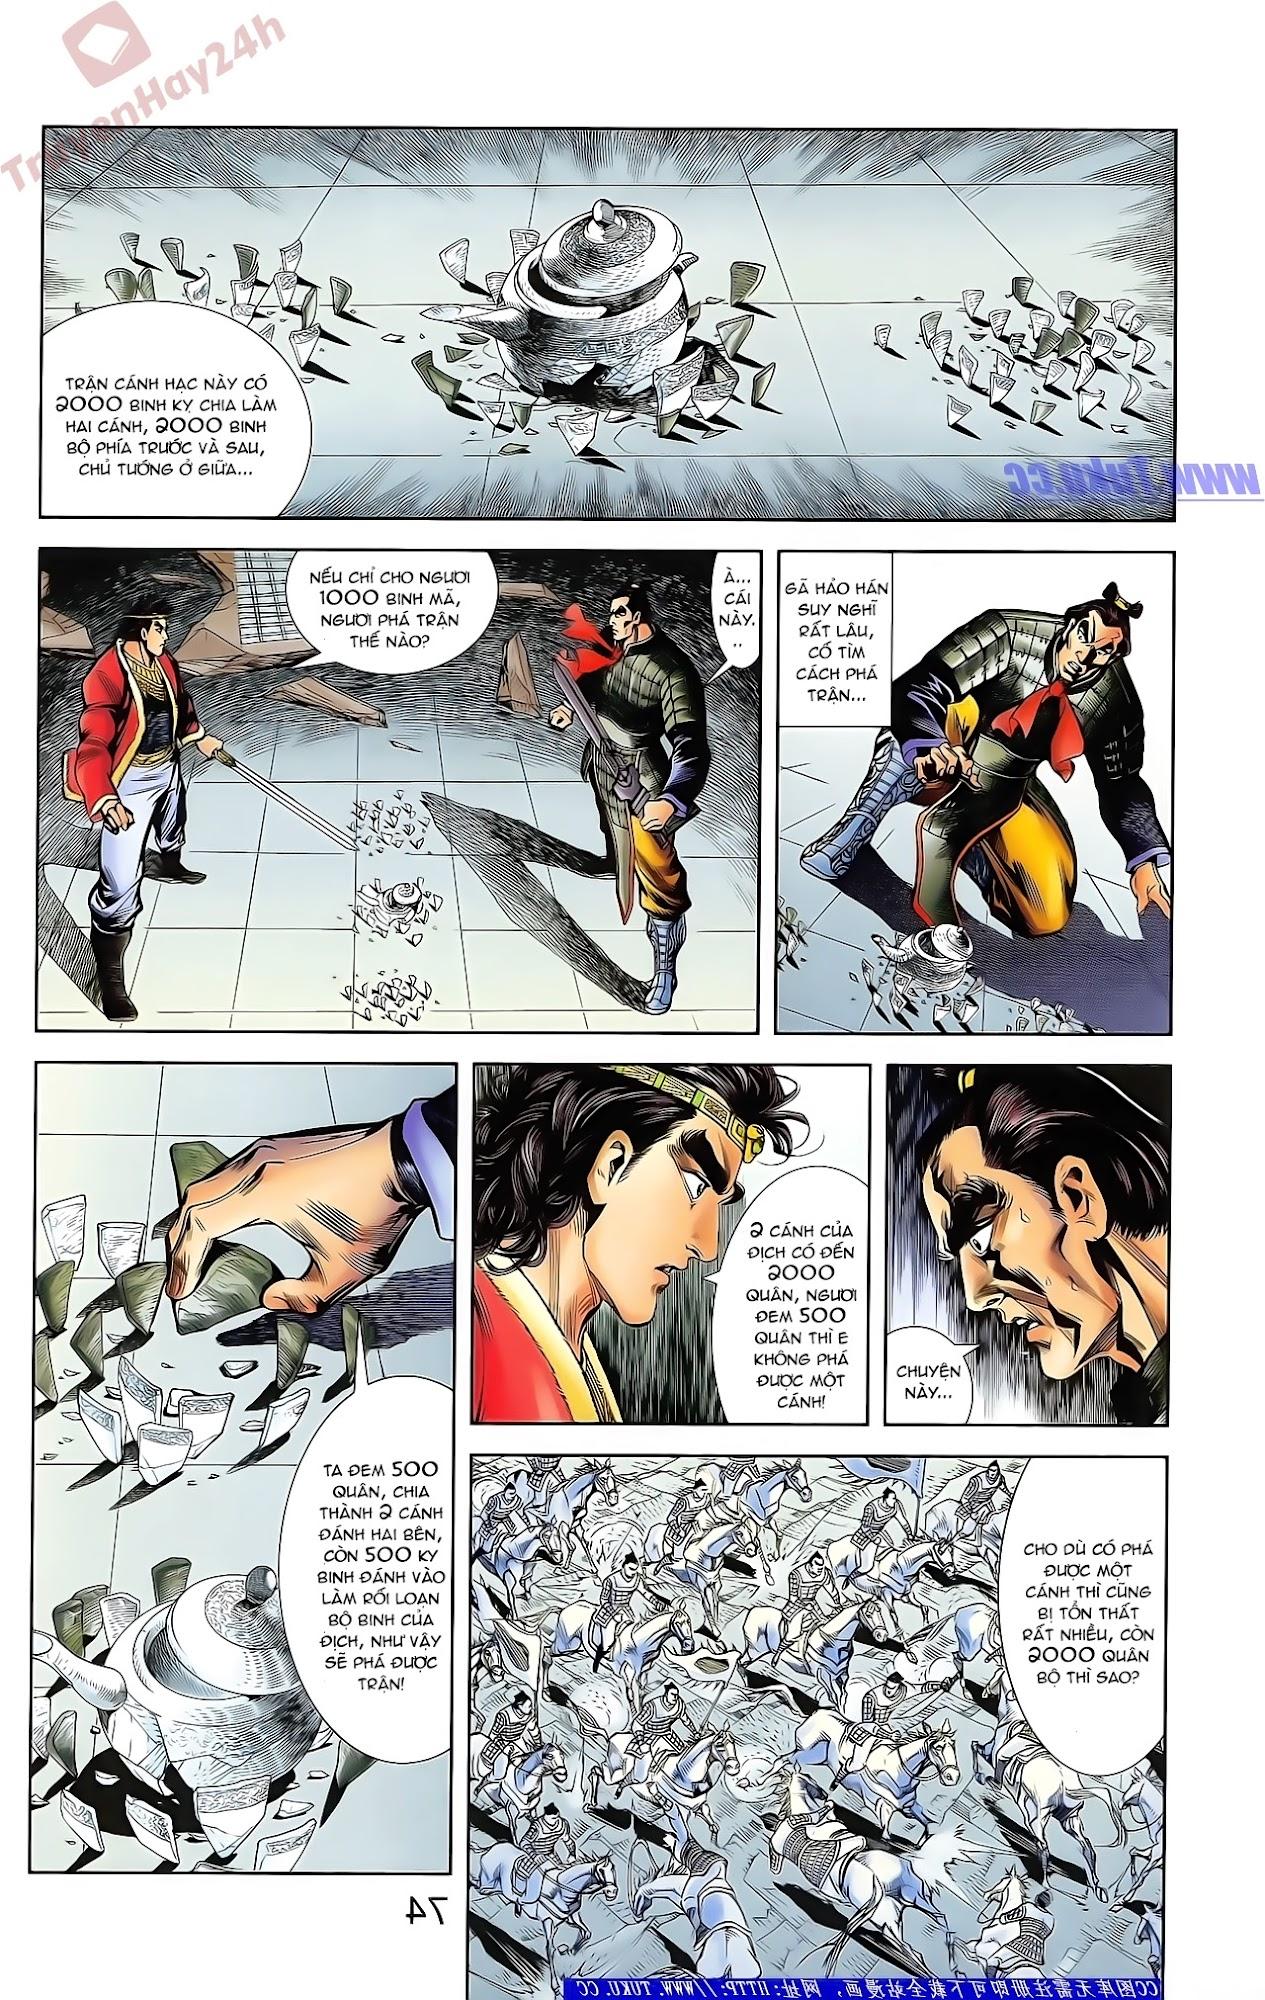 Tần Vương Doanh Chính chapter 42 trang 8